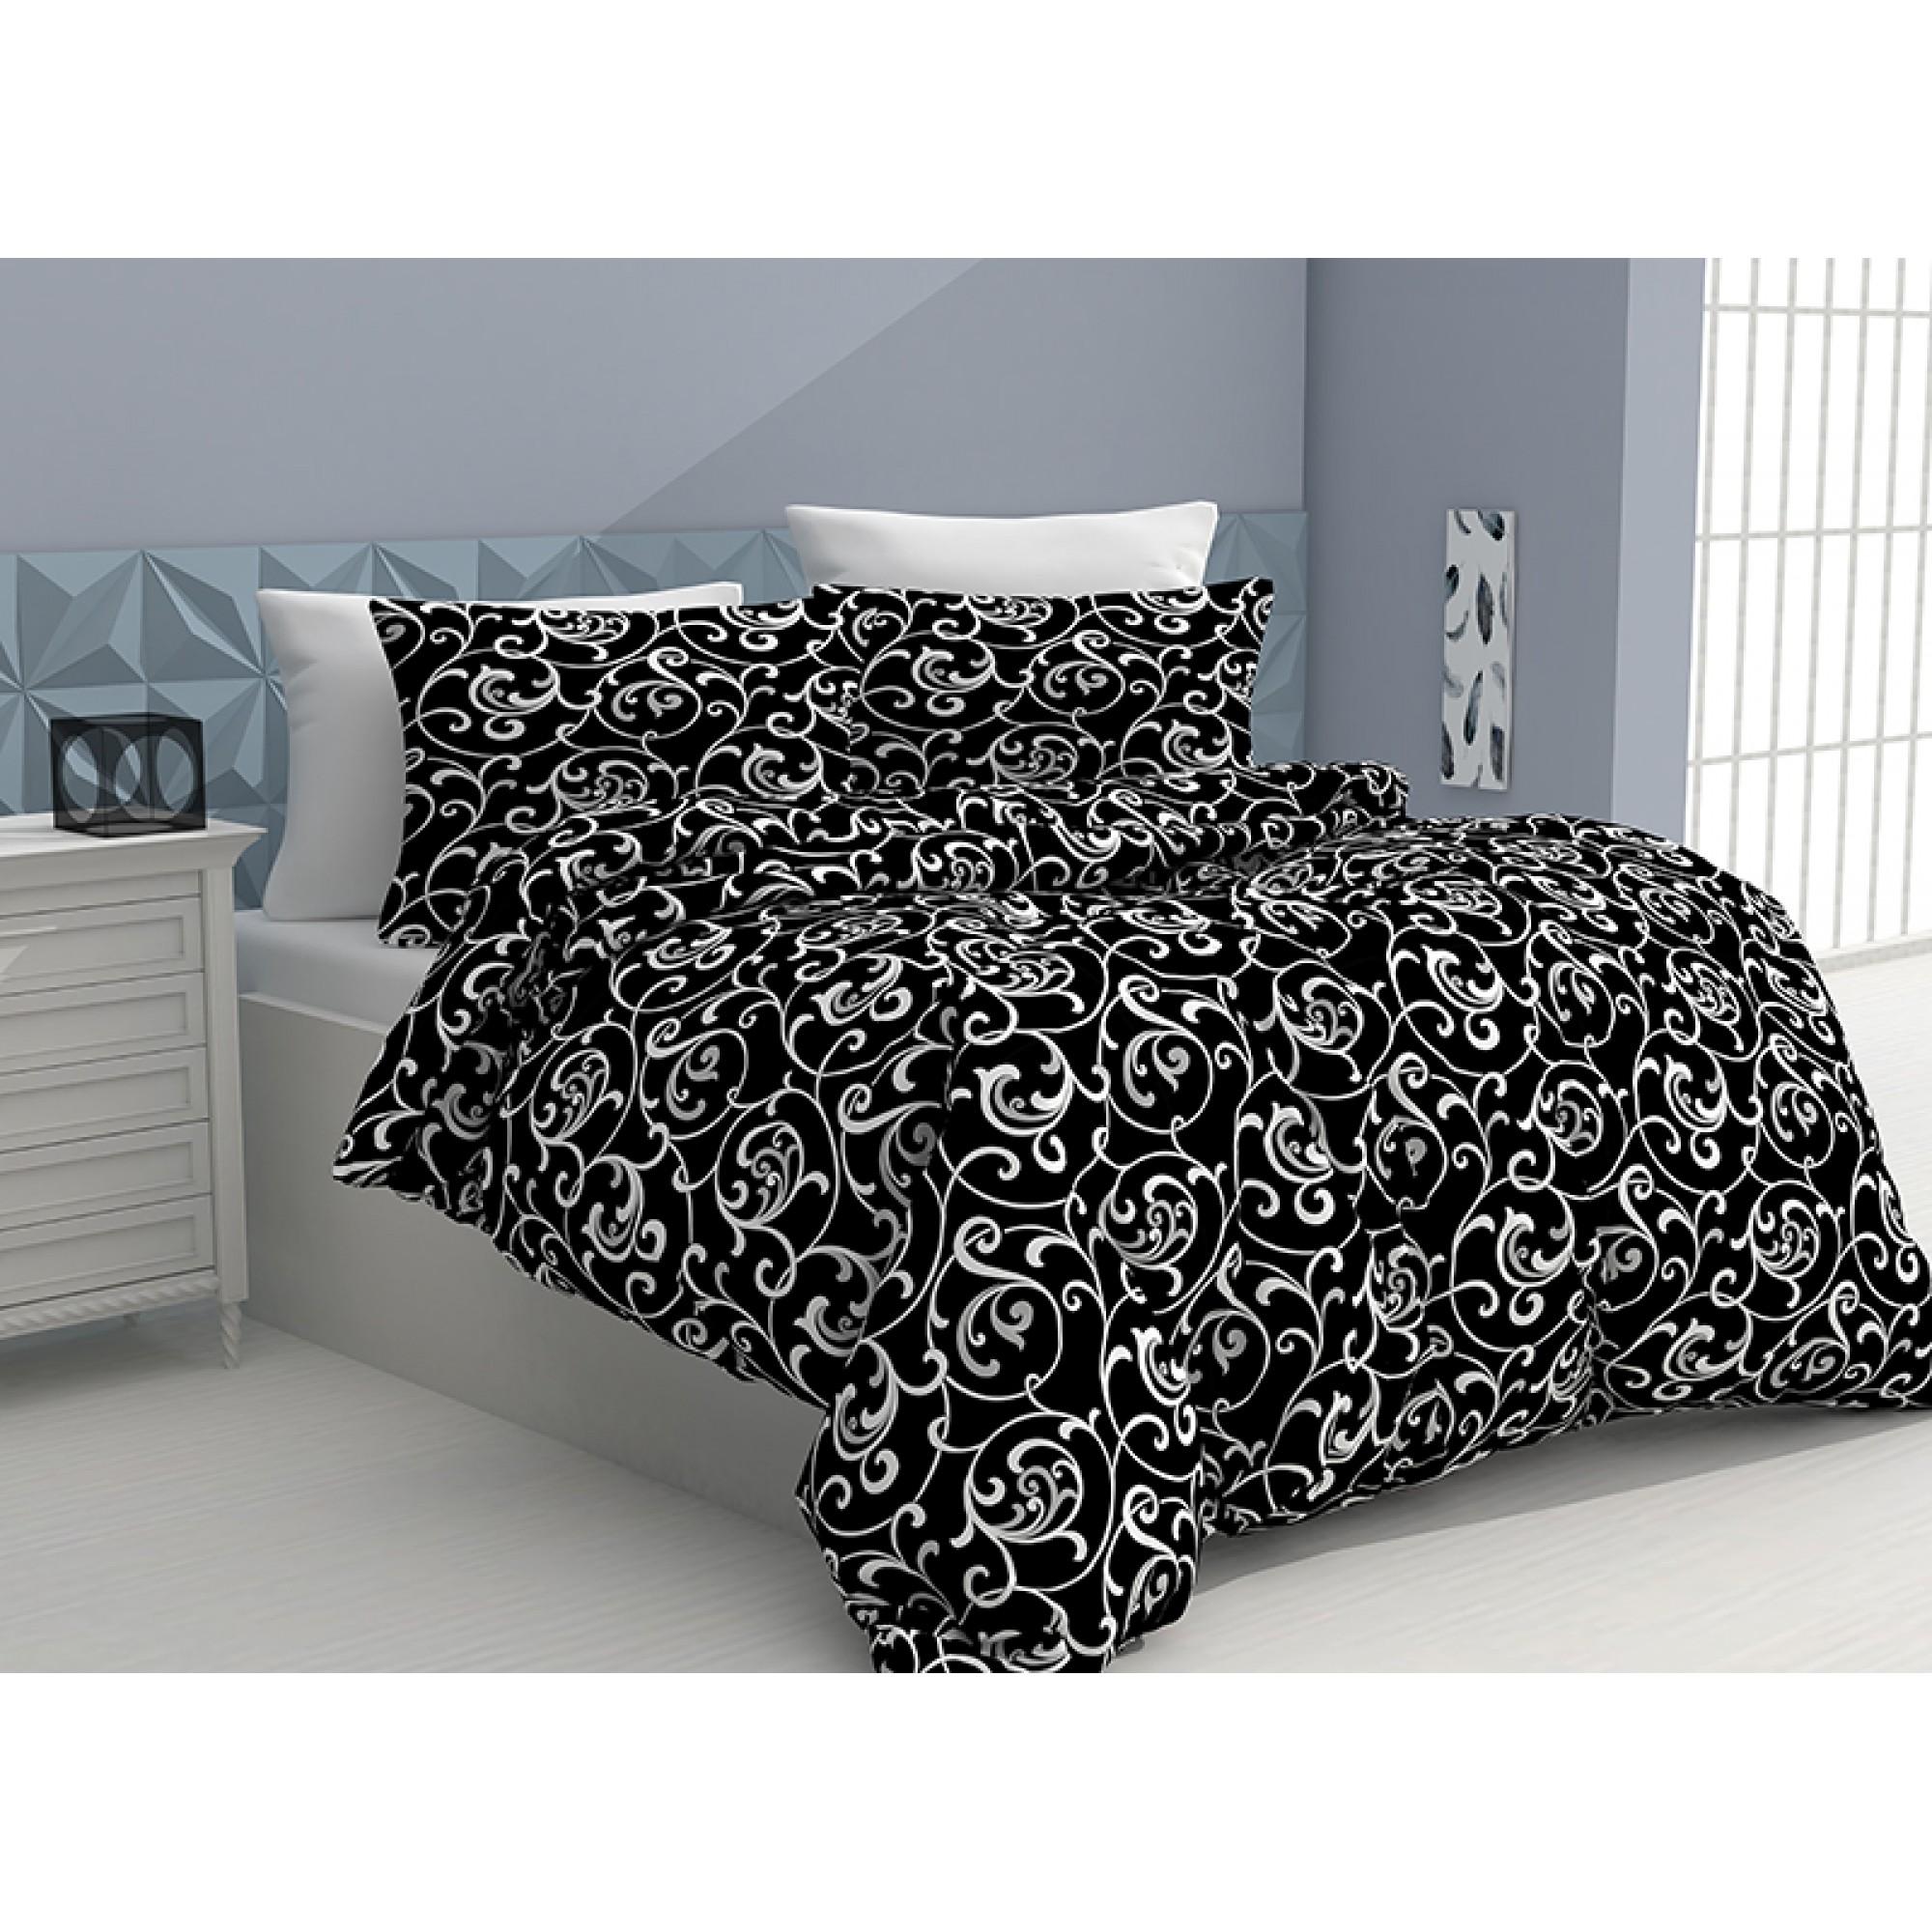 Спален комплект от 100% памук Floral Motives